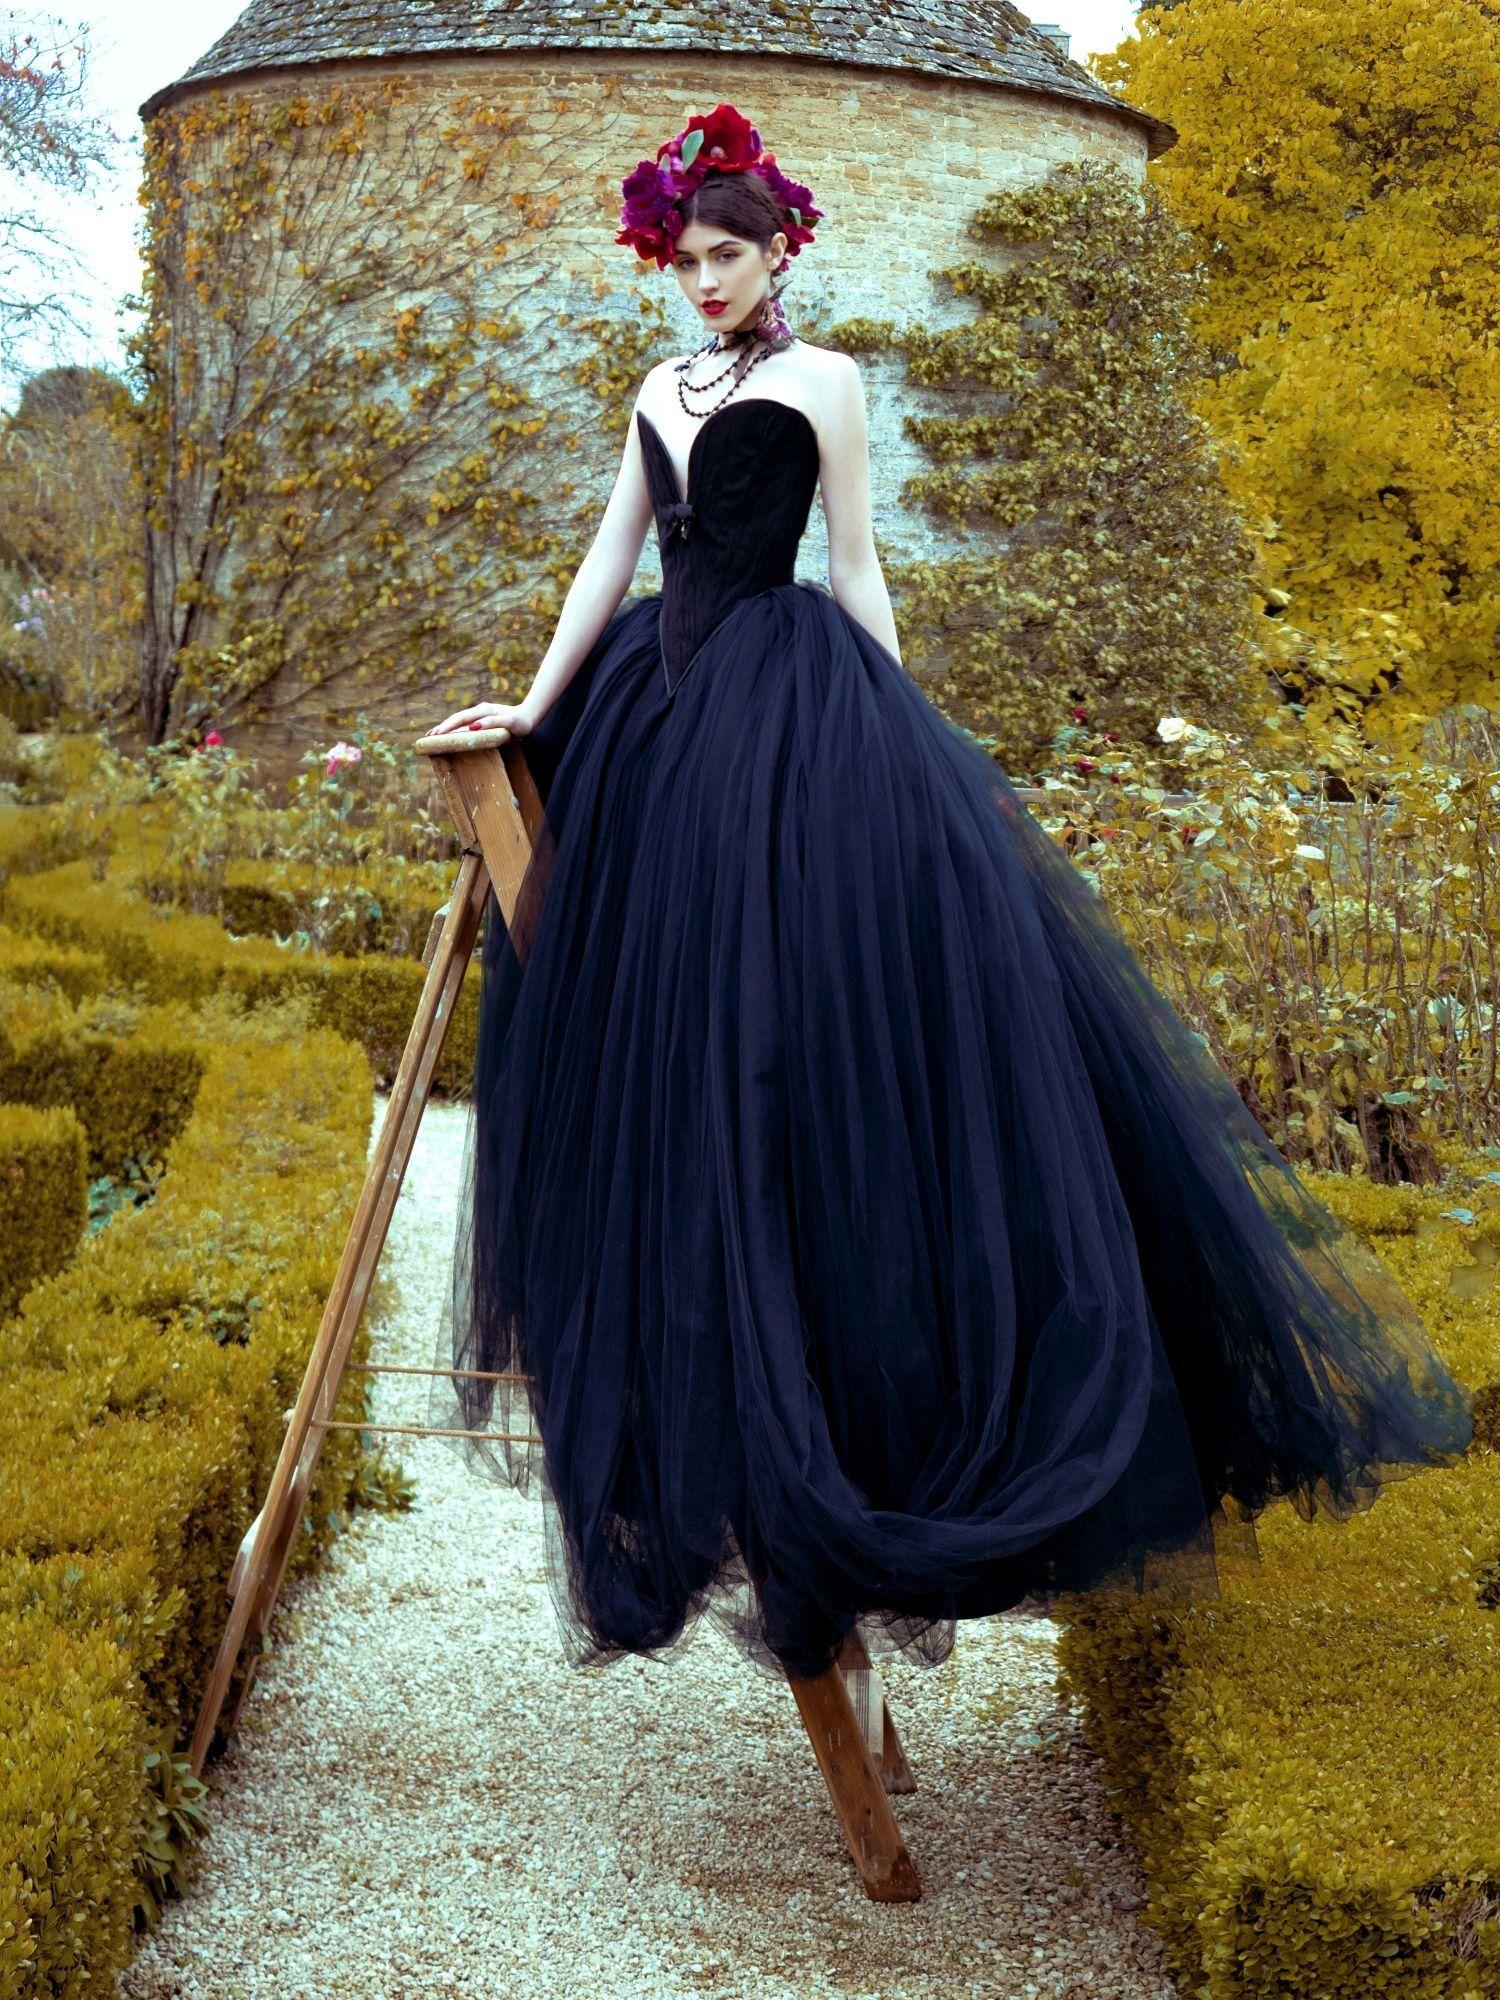 57 Unique Black And Gold Wedding Dress Pics Wedding Dress Gallery Fairy Tale Wedding Dress Dark Wedding Dress Gothic Wedding Dress [ 2000 x 1500 Pixel ]